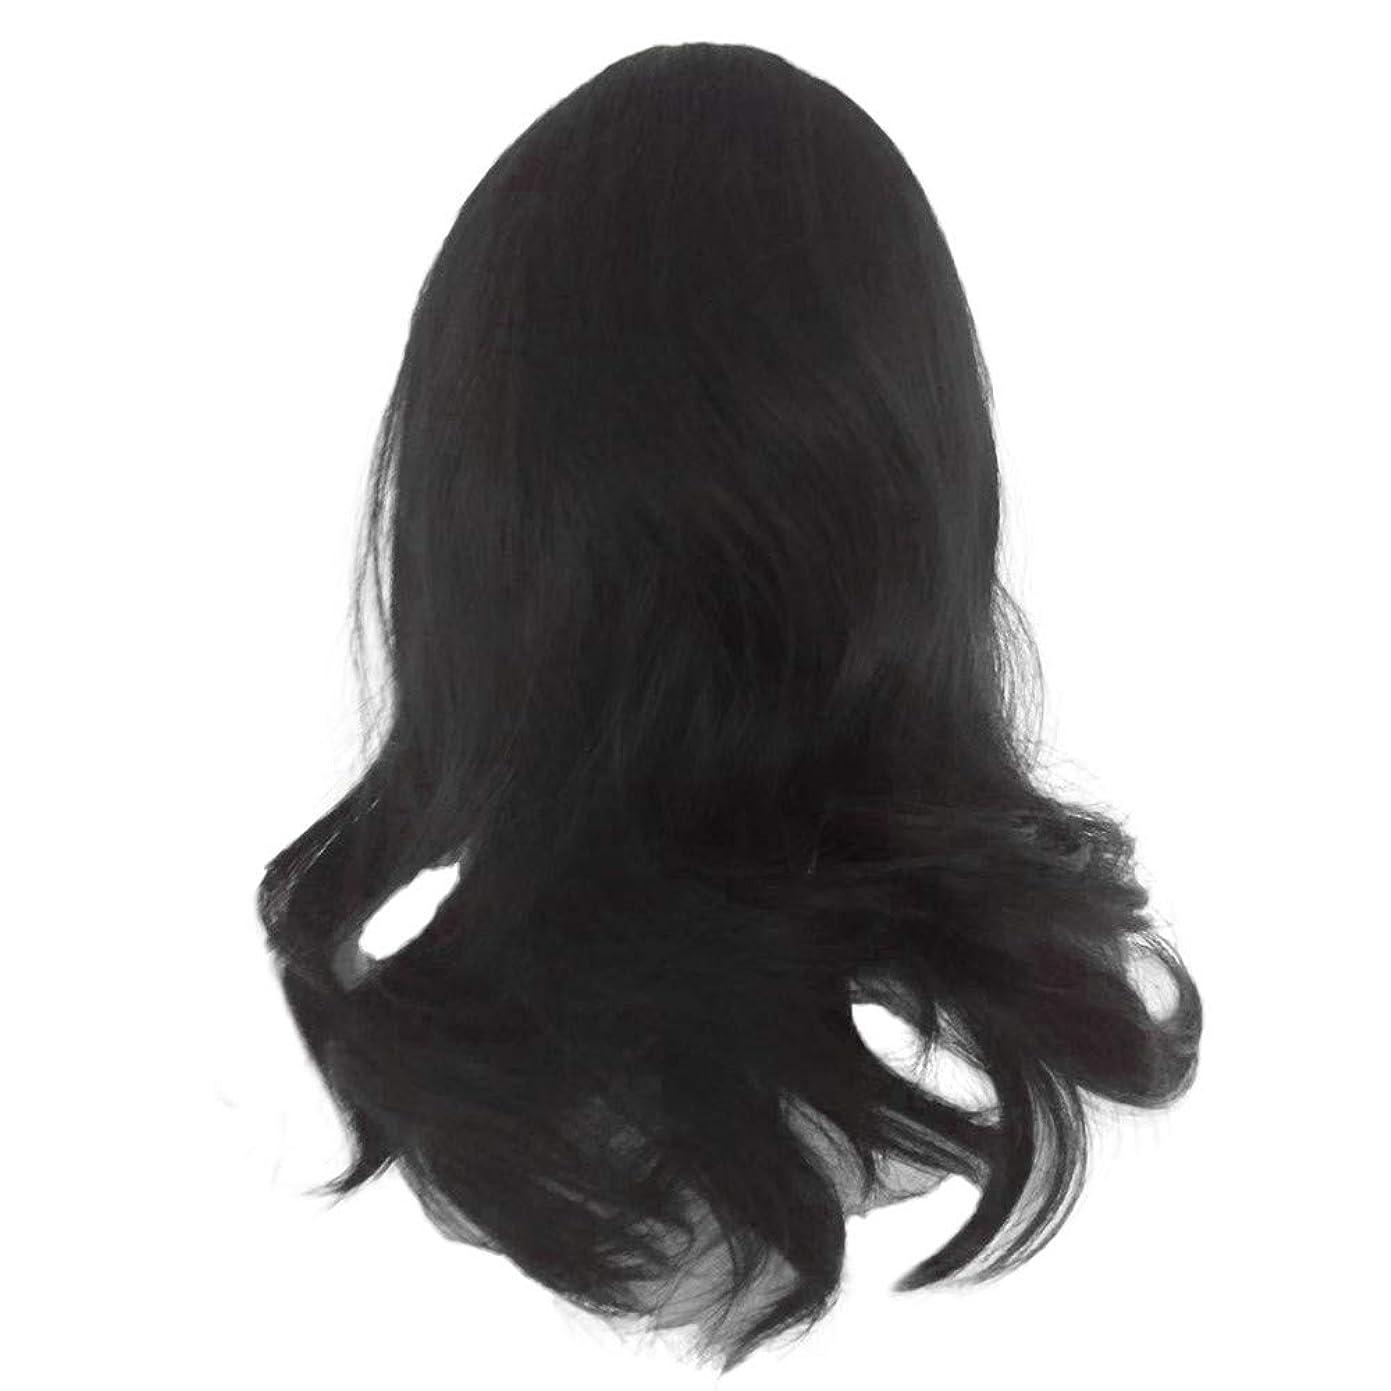 支配的簡単に模索黒の長い巻き毛のかつら高温シルク天然かつら